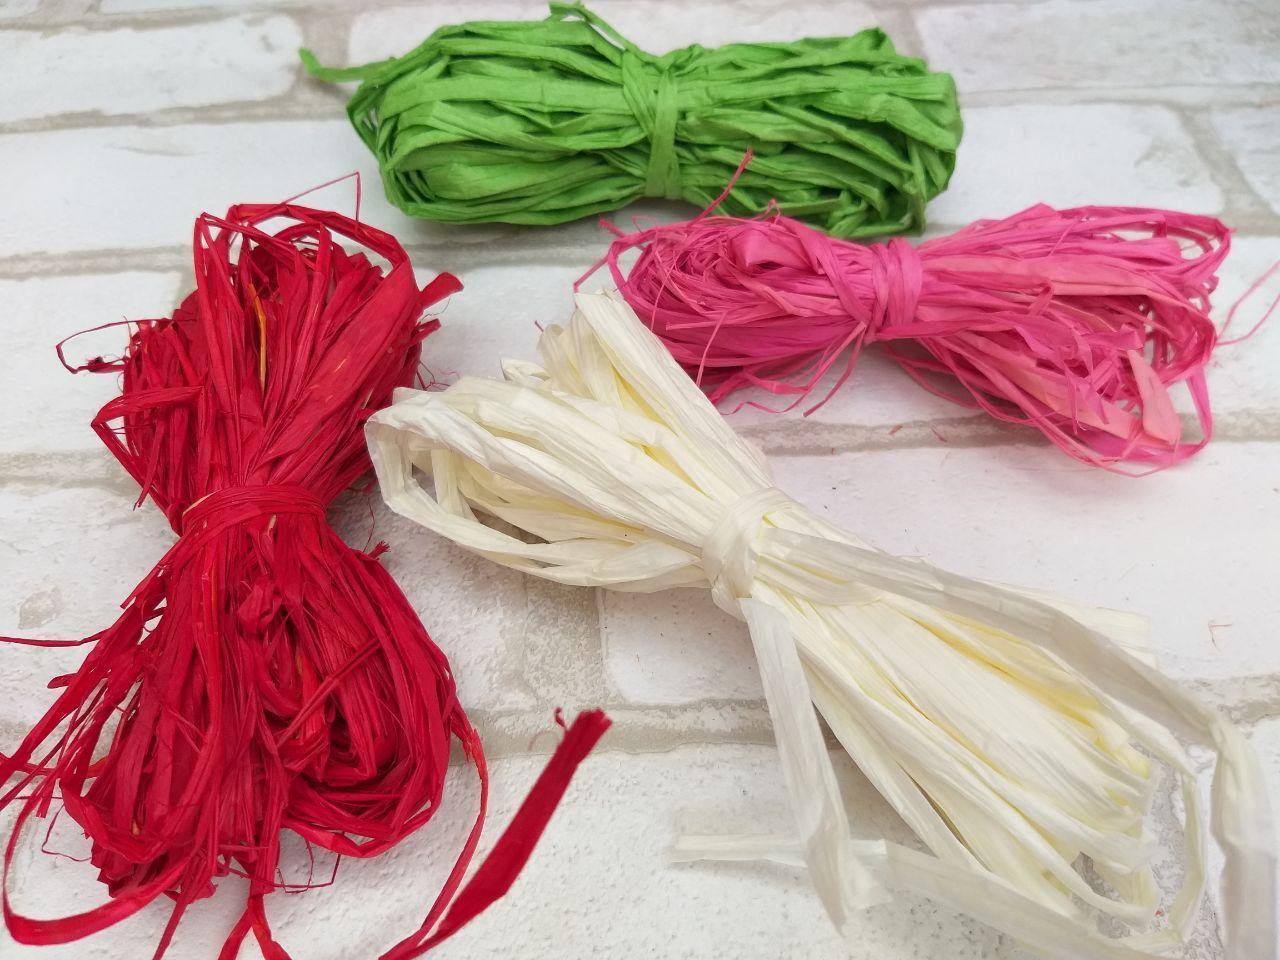 Рафия цветная в намотке,  разные цвета 15 гр 10 грн